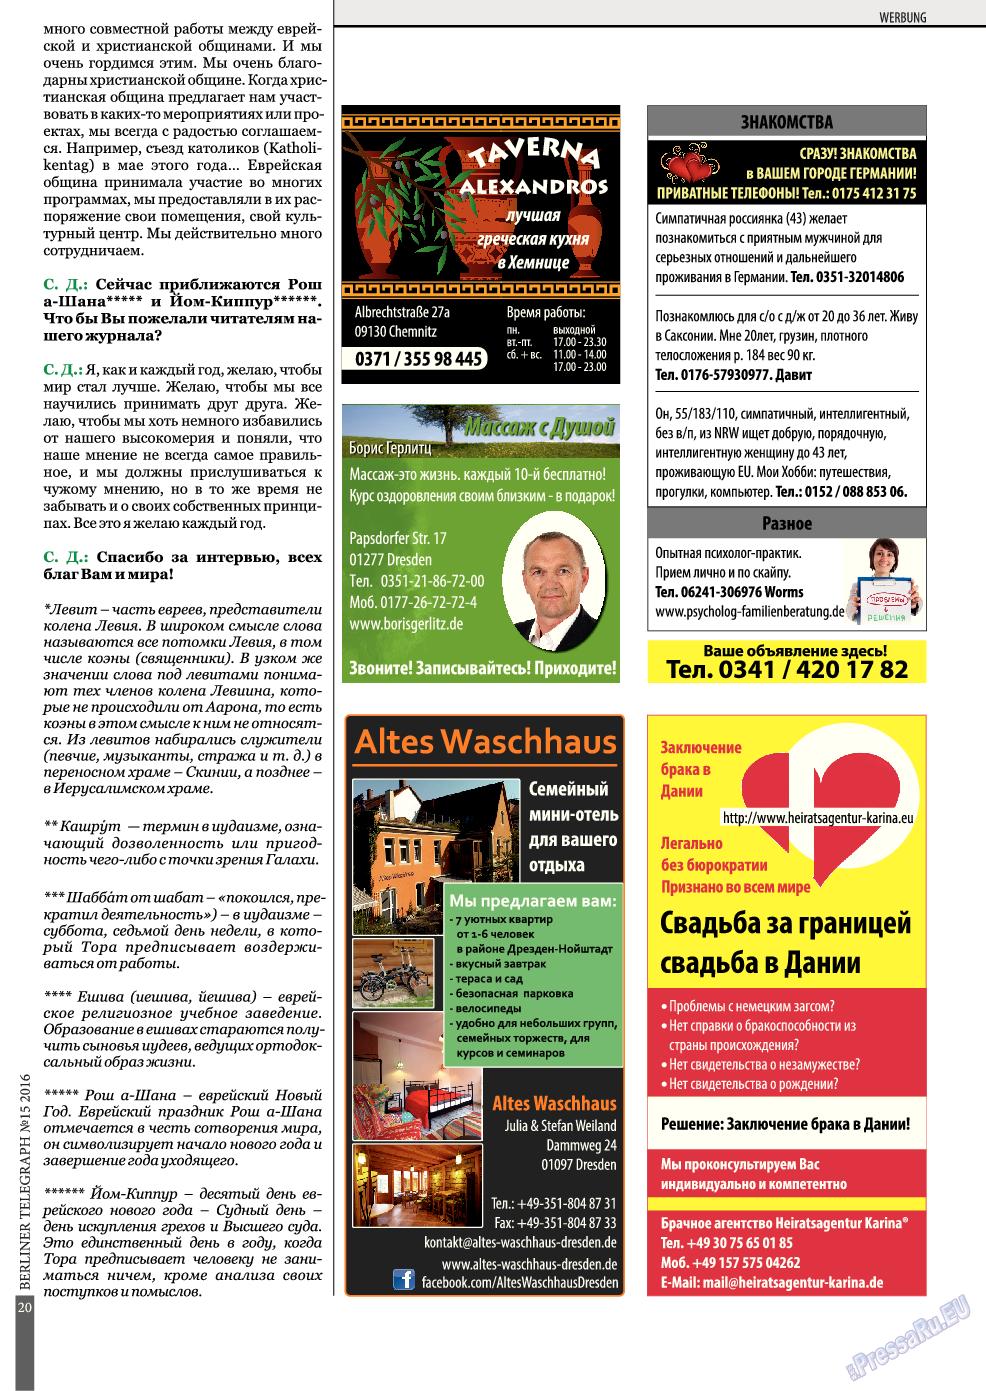 Берлинский телеграф (журнал). 2016 год, номер 15, стр. 20